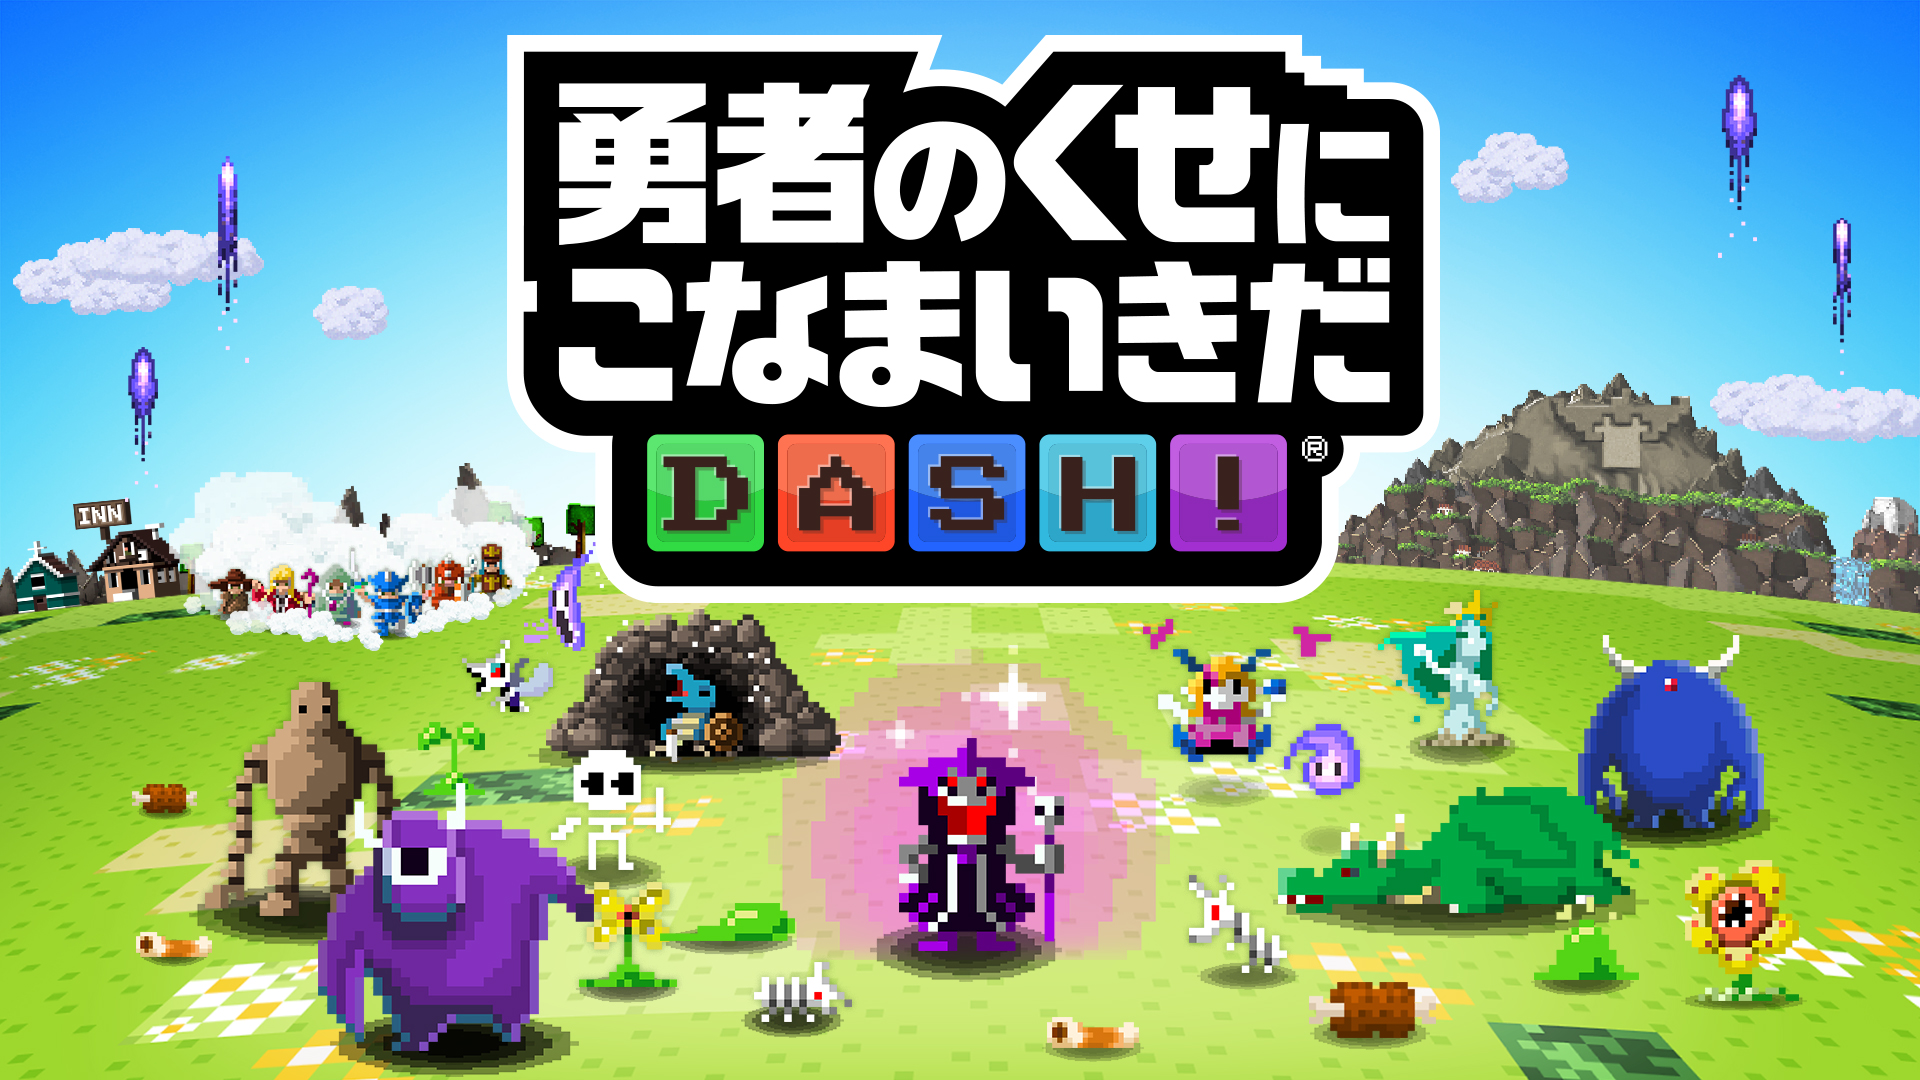 新作パズルRPG『勇者のくせにこなまいきだDASH!』が事前登録スタート!